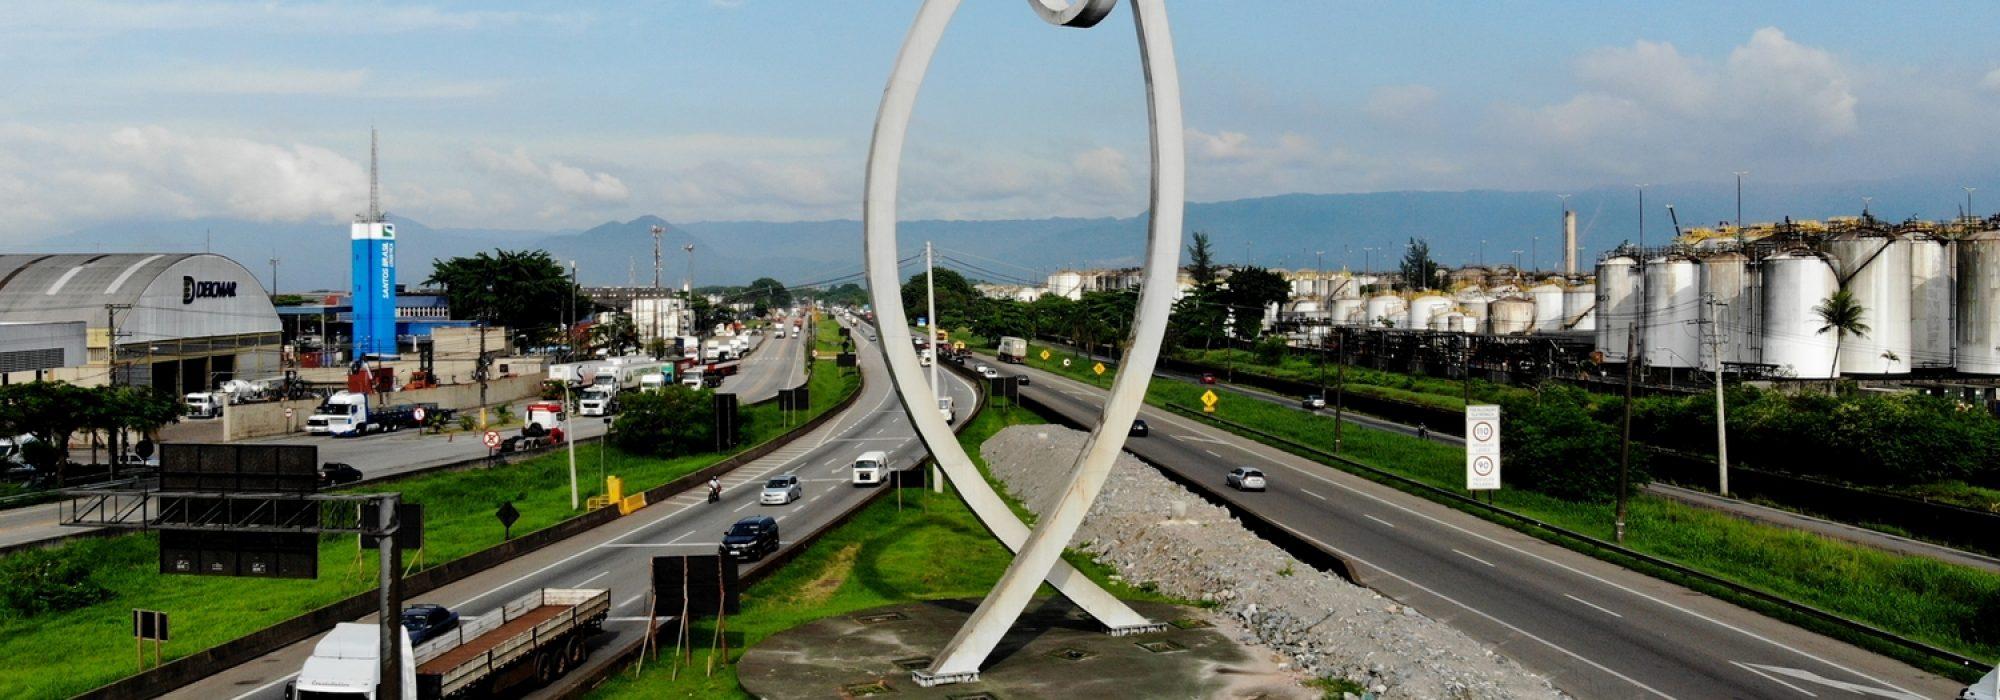 Escultura-O-Peixe-na-entrada-de-Santos